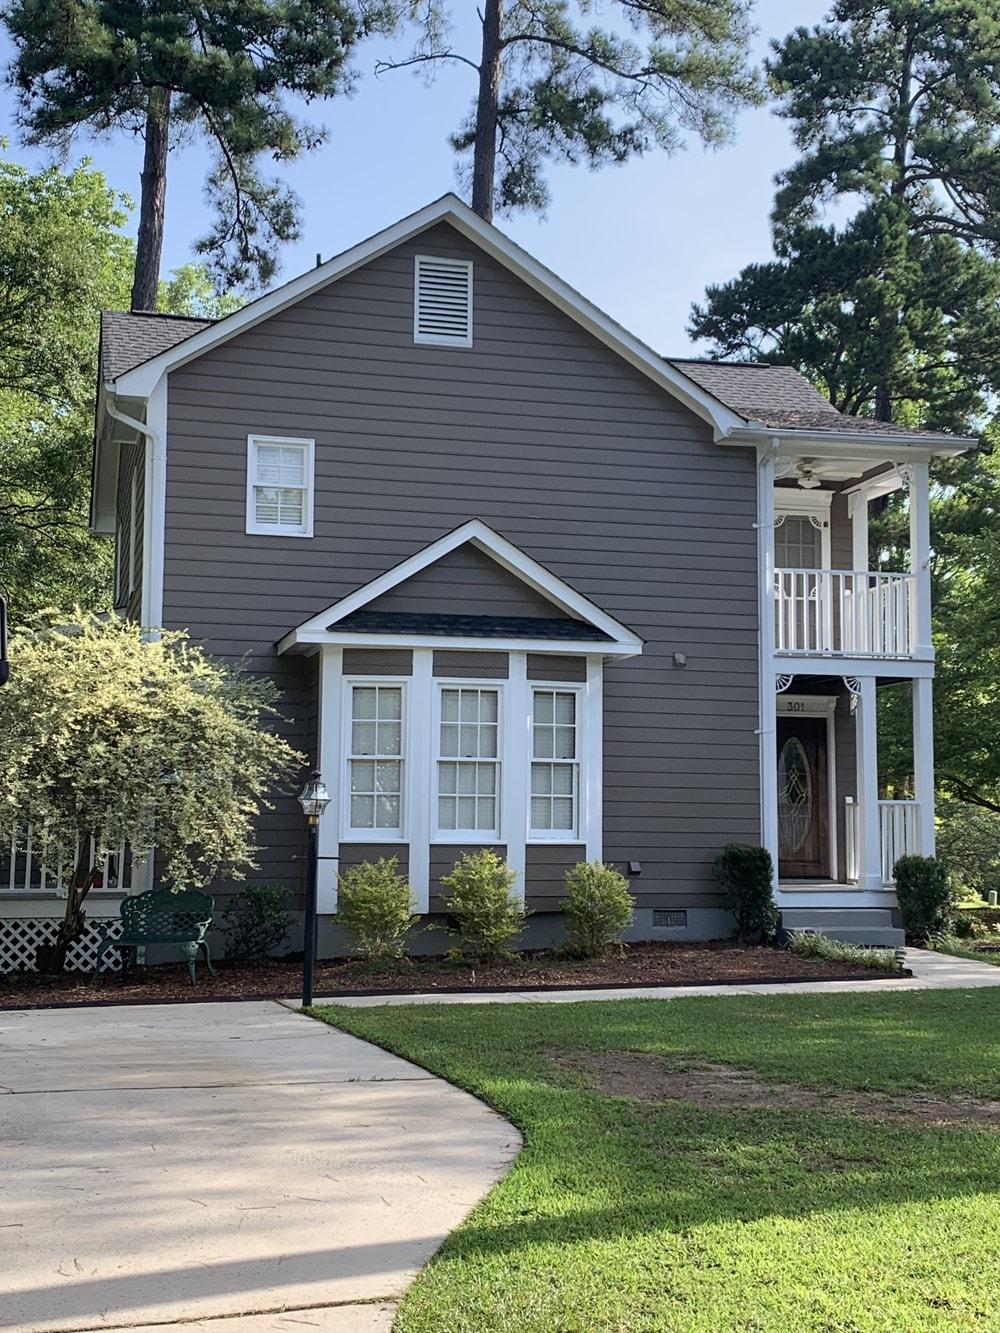 Residential Exterior Painting Irmo South Carolina